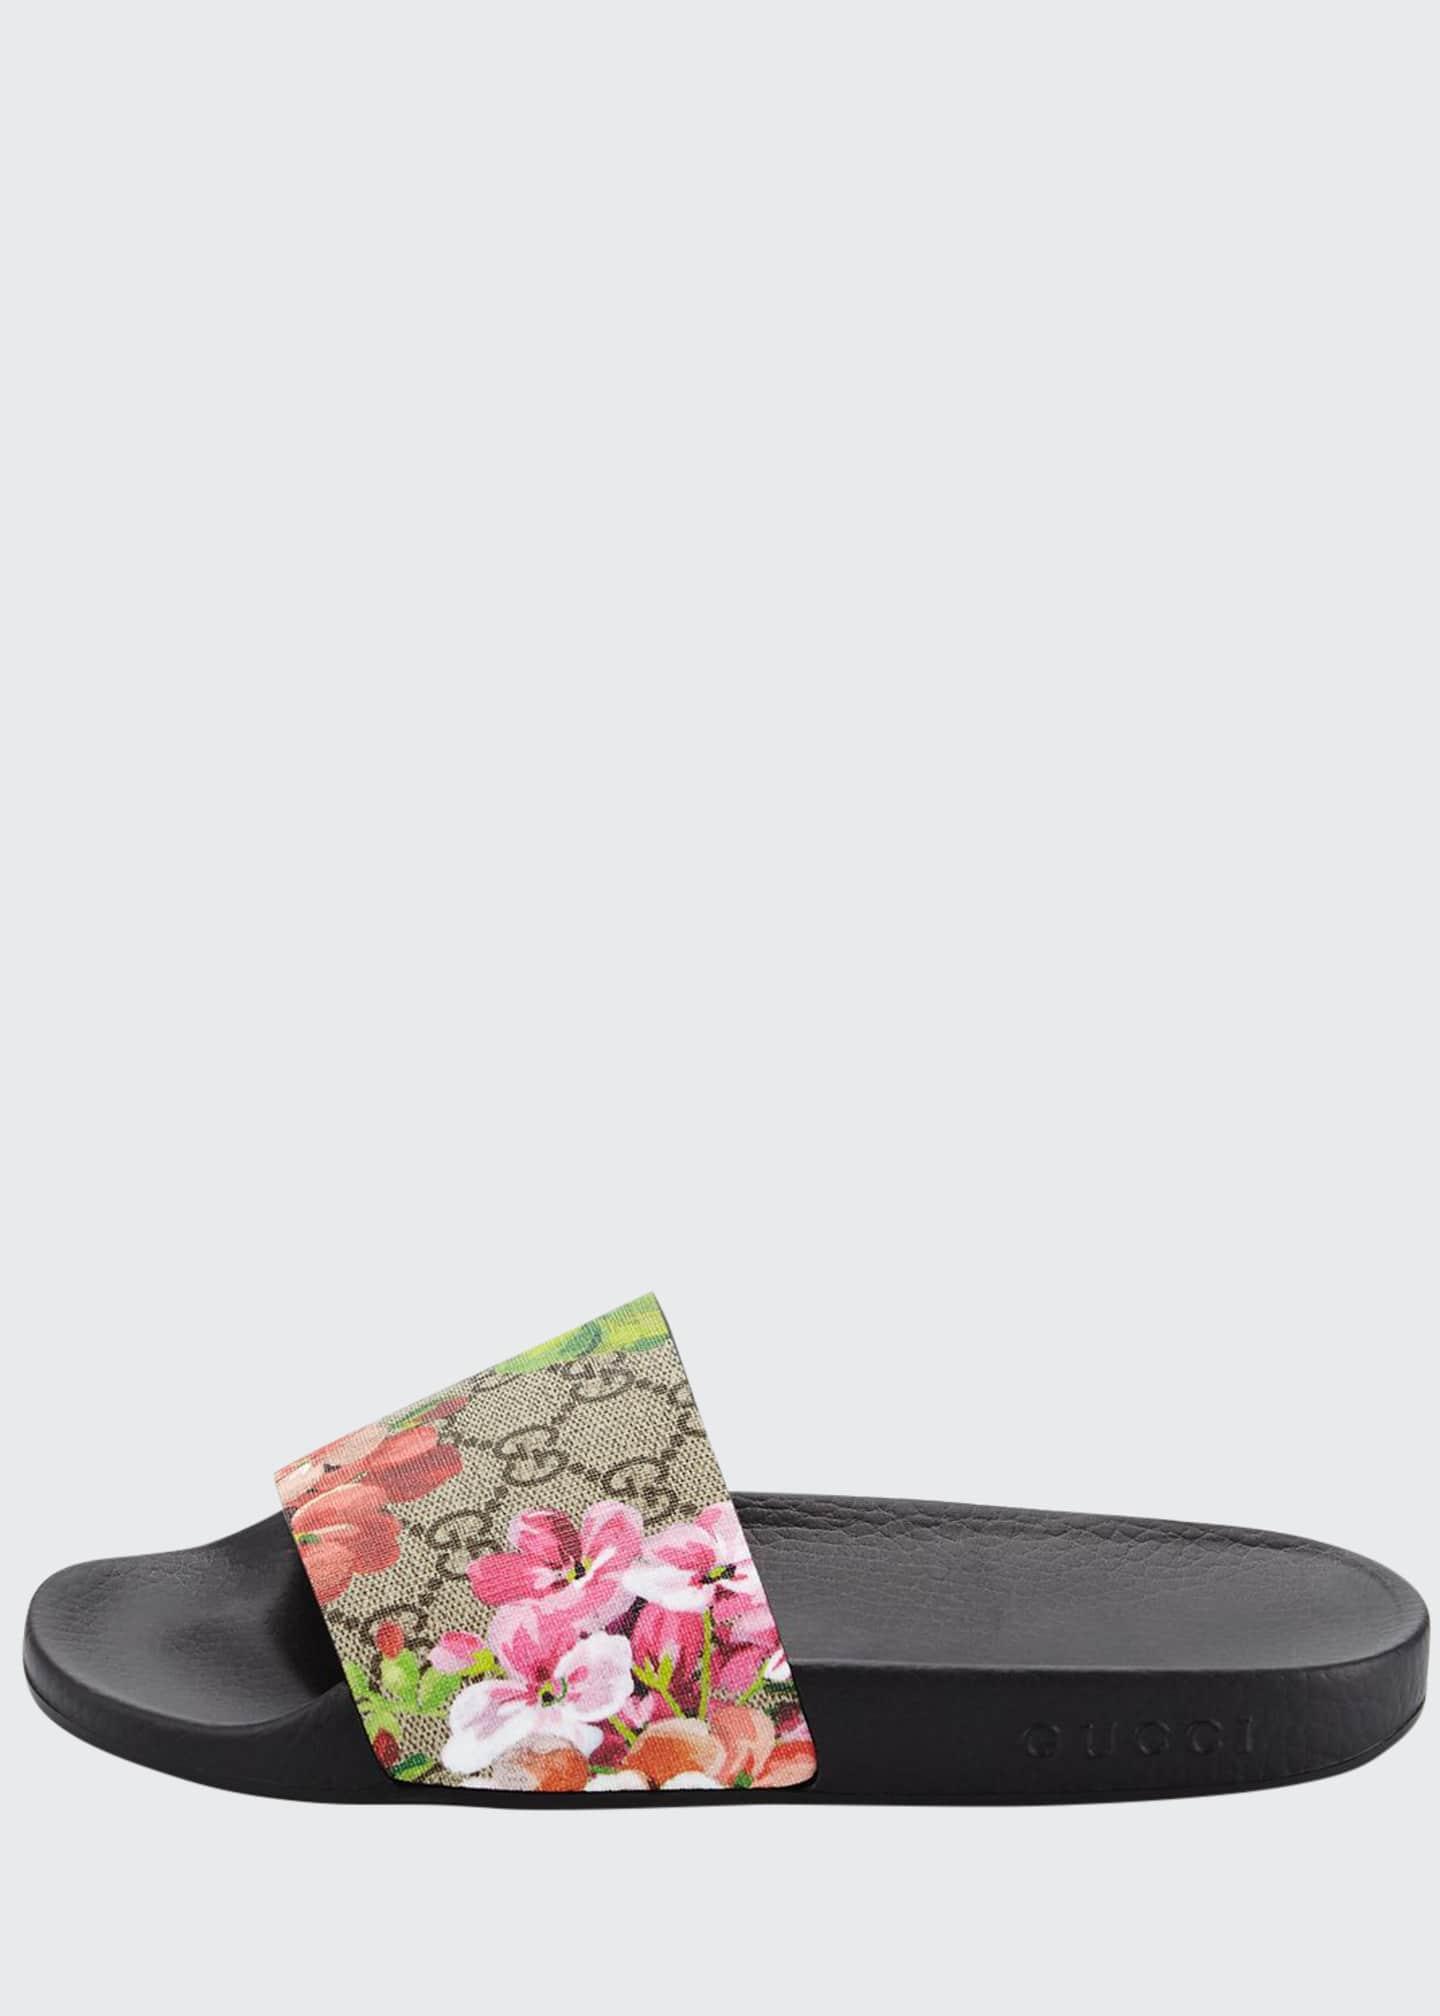 Gucci Pursuit Blooms Slide Sandal